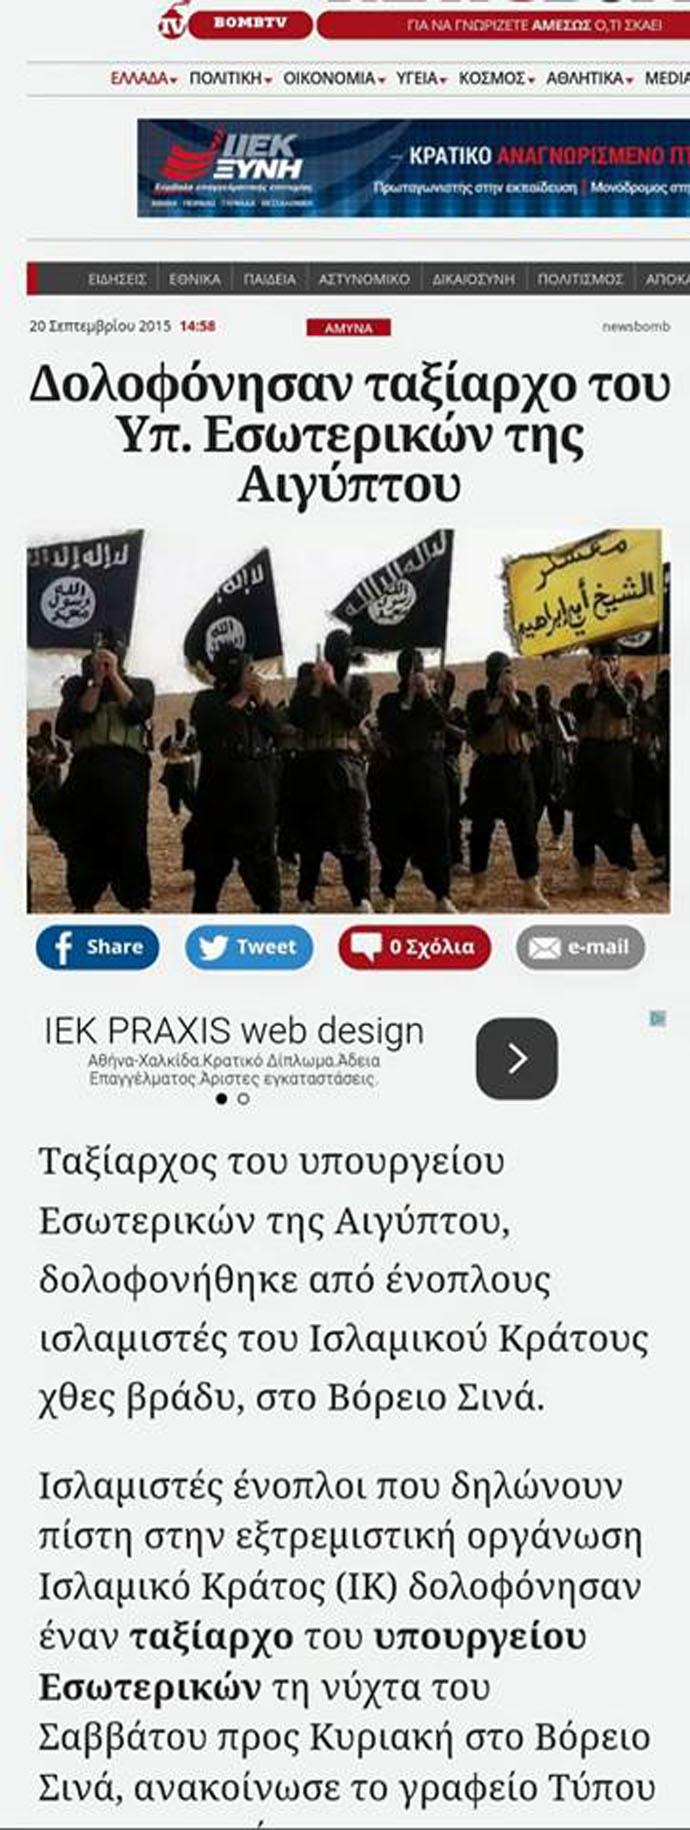 Ἡ ISIS πολεμᾶ ὅ,τι δὲν θέλει τὸ Ἰσραὴλ καὶ ἡ Δύσις!!!